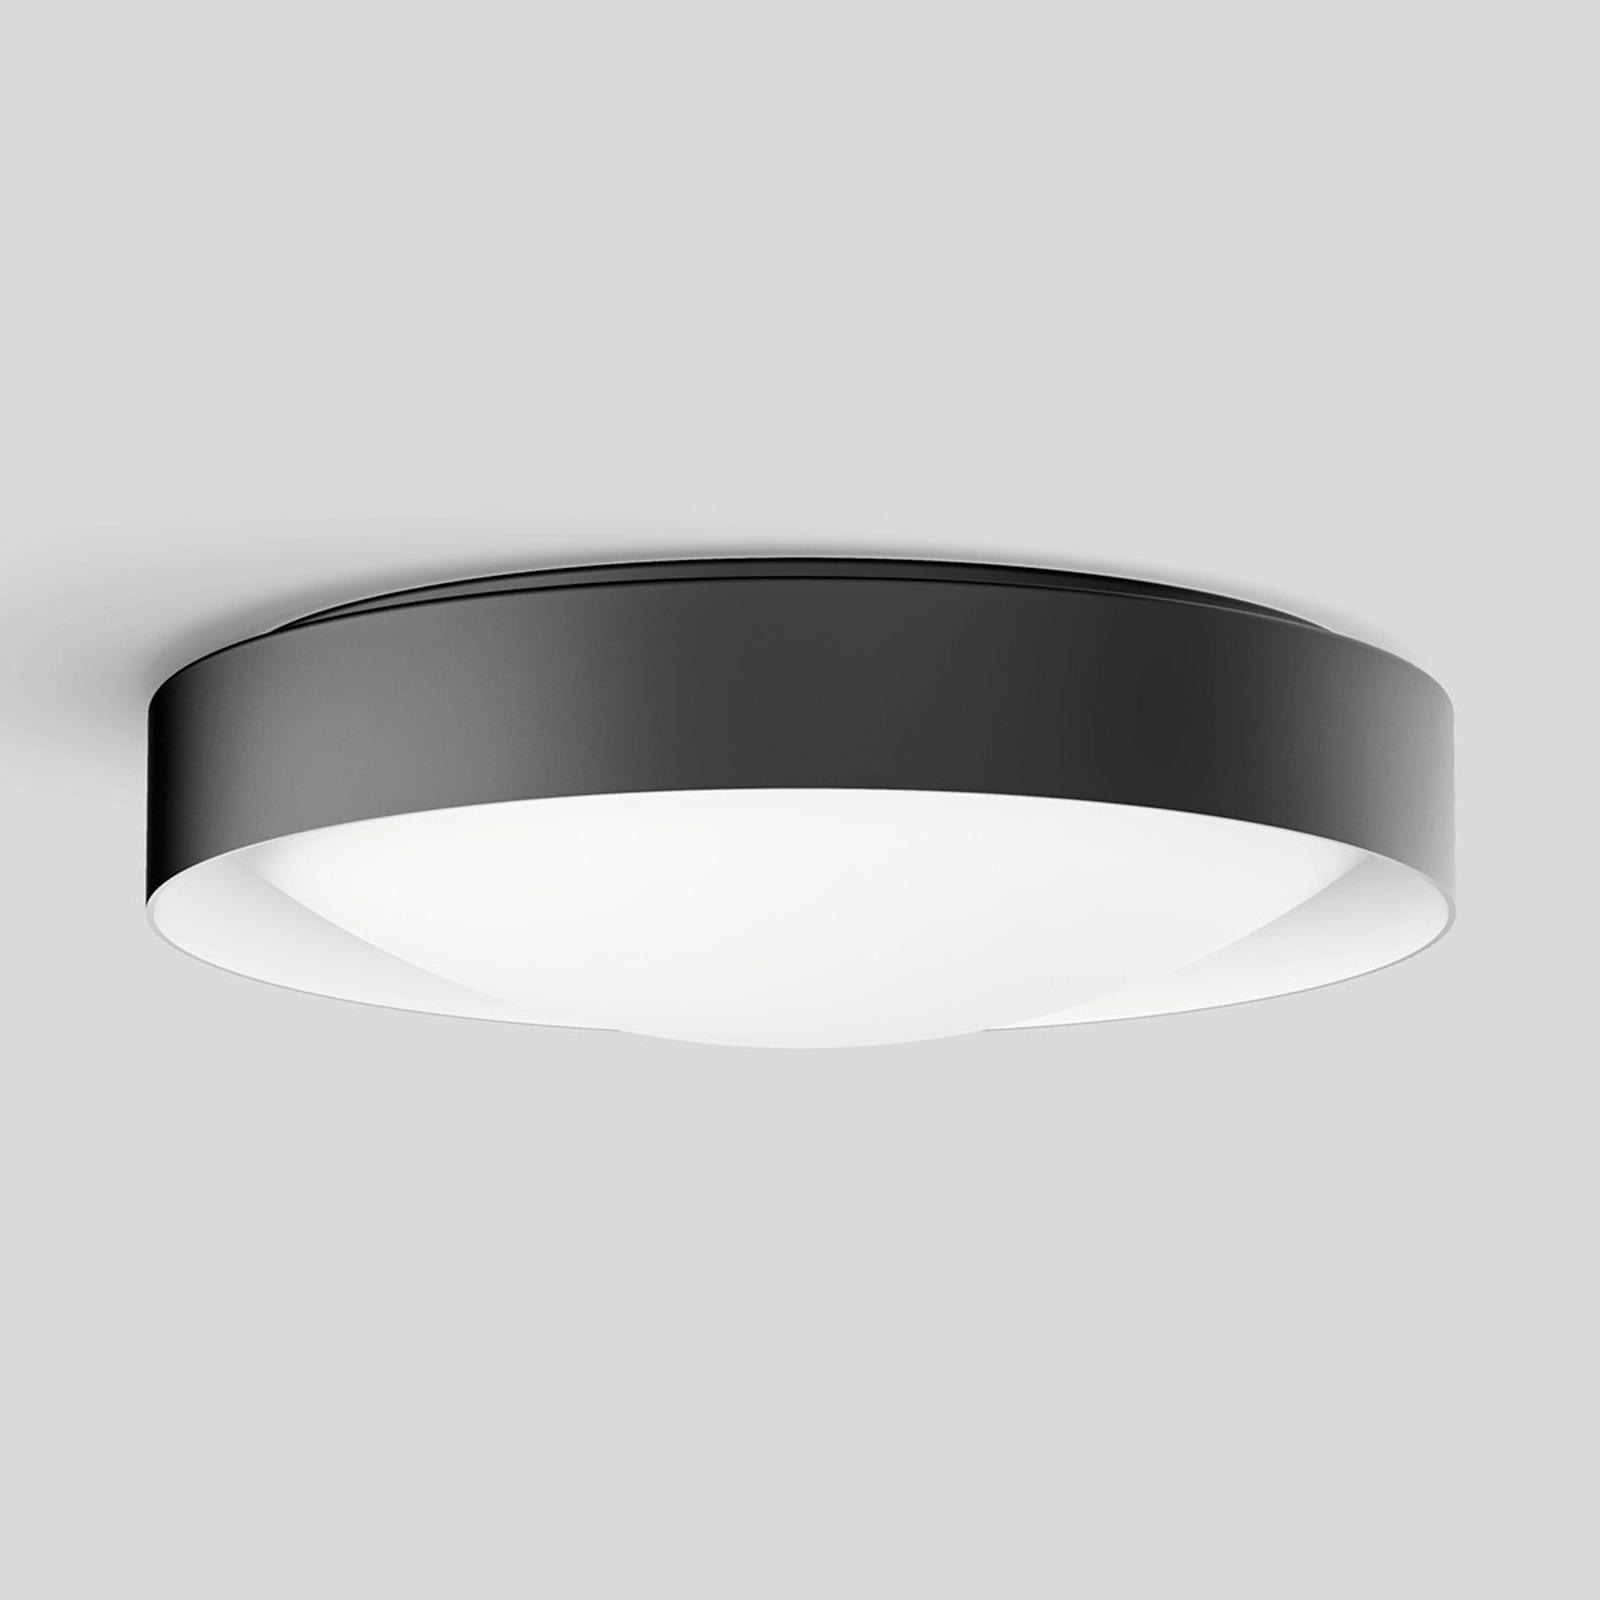 BEGA Studio Line Deckenlampe Ø36cm schwarz/weiß